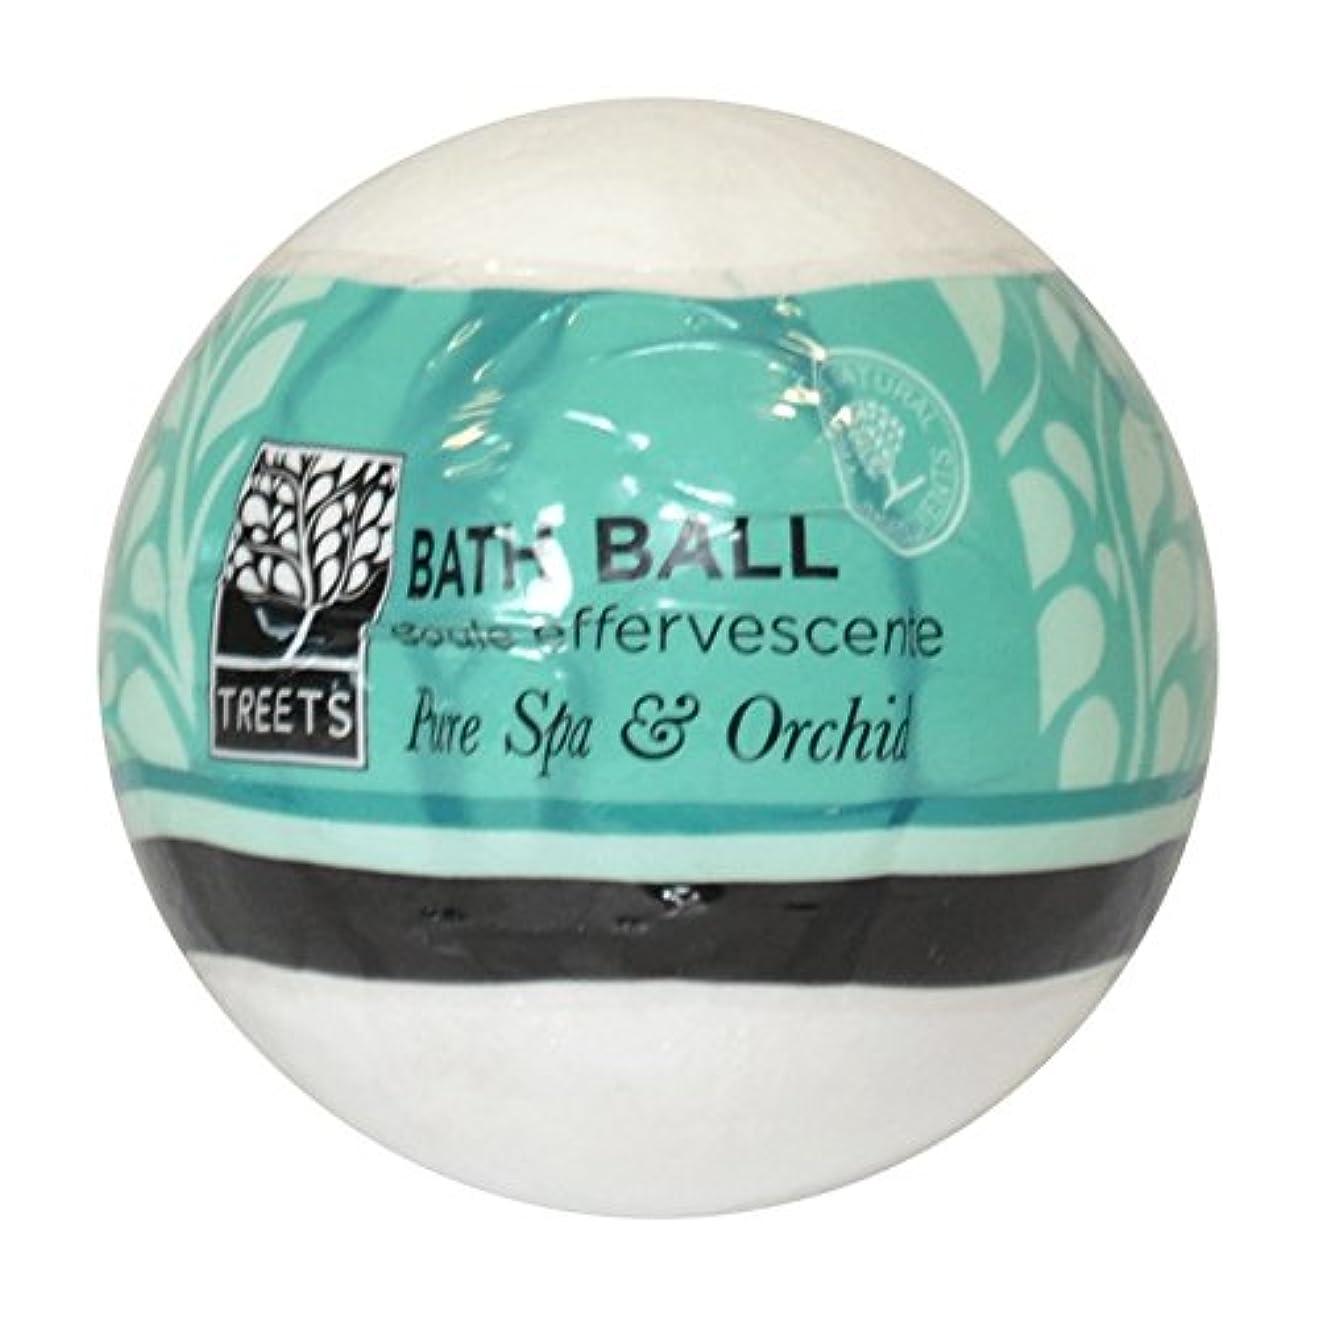 第二祖母ラップTreets蘭&純粋なスパバスボール - Treets Orchid & Pure Spa Bath Ball (Treets) [並行輸入品]